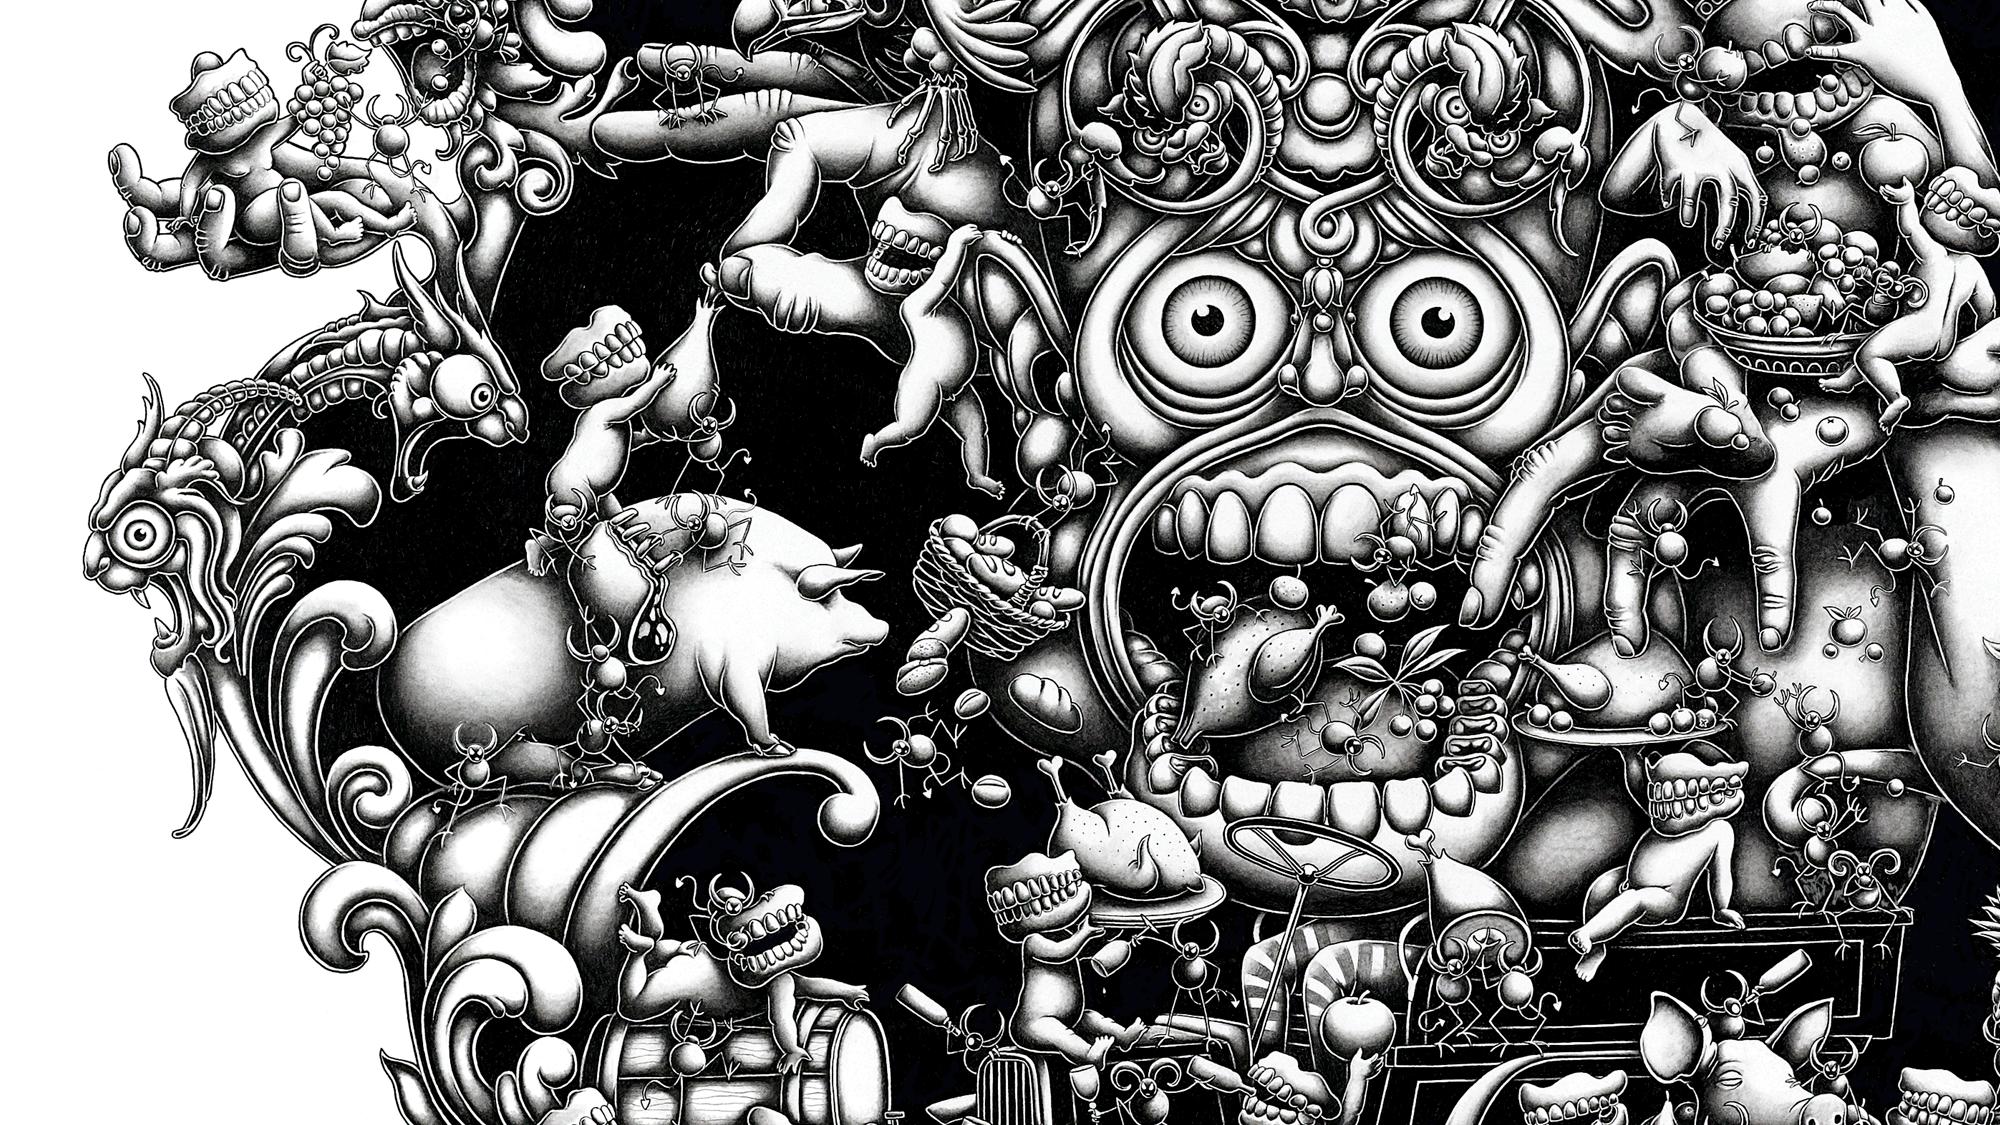 Wallpaper Hd One Piece Joe Fenton